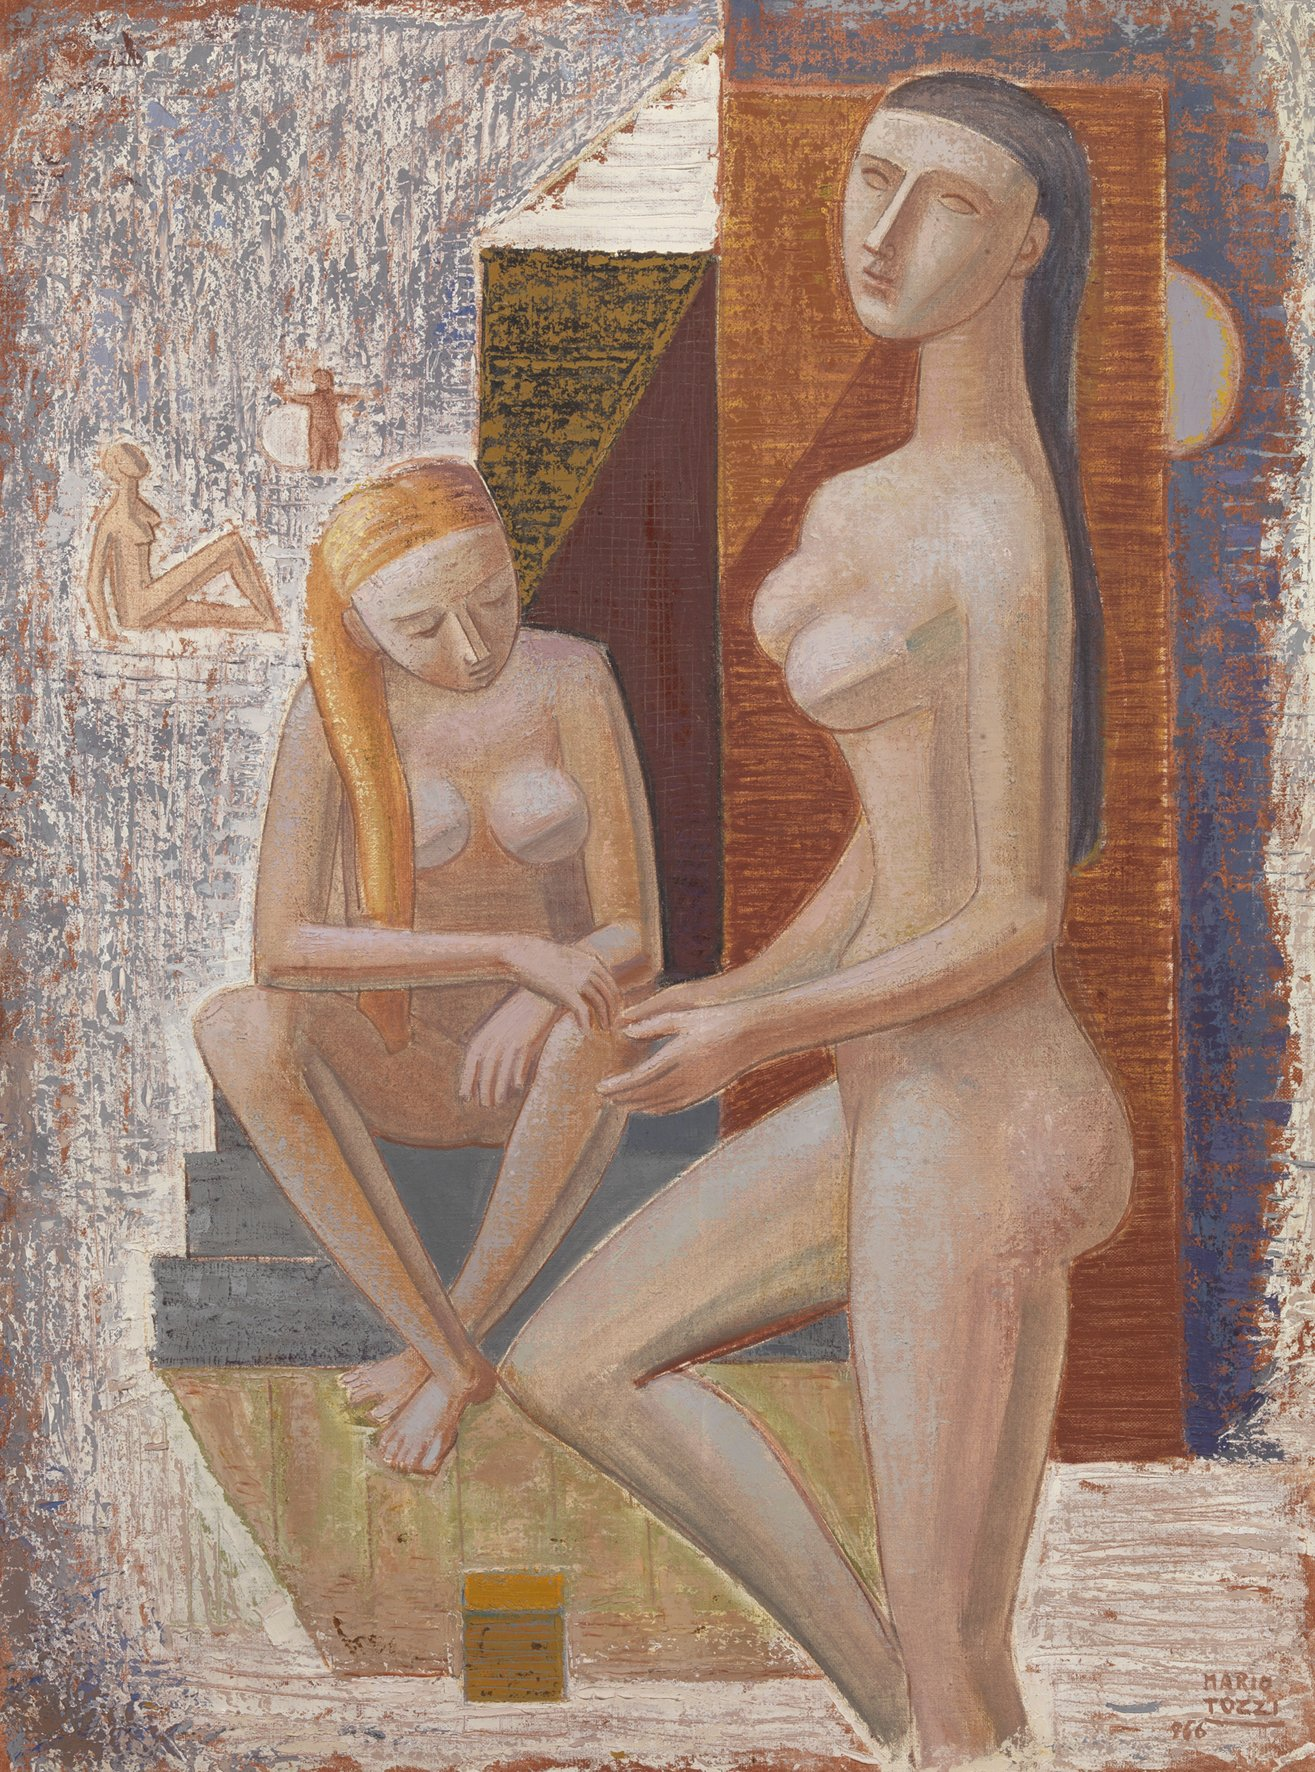 Tozzi, Capanno al mare, 1966, 131x97 cm